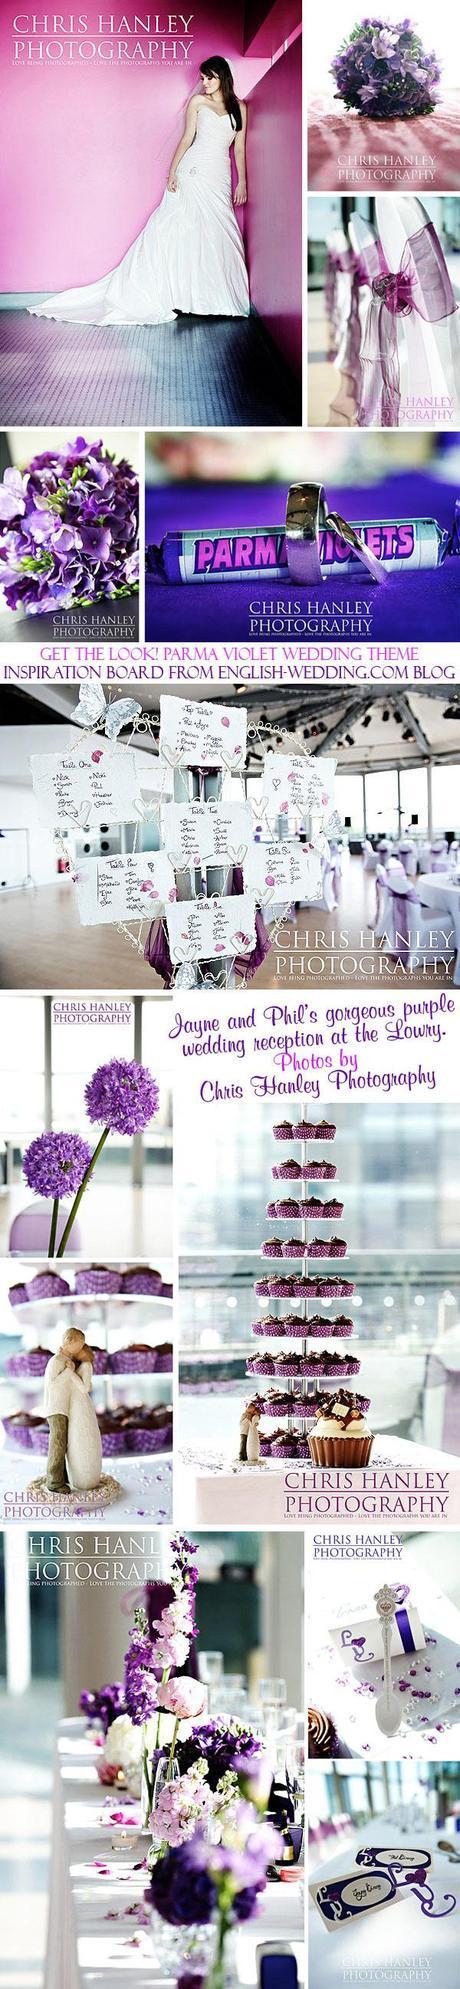 Parma violet wedding inspiration board in purple